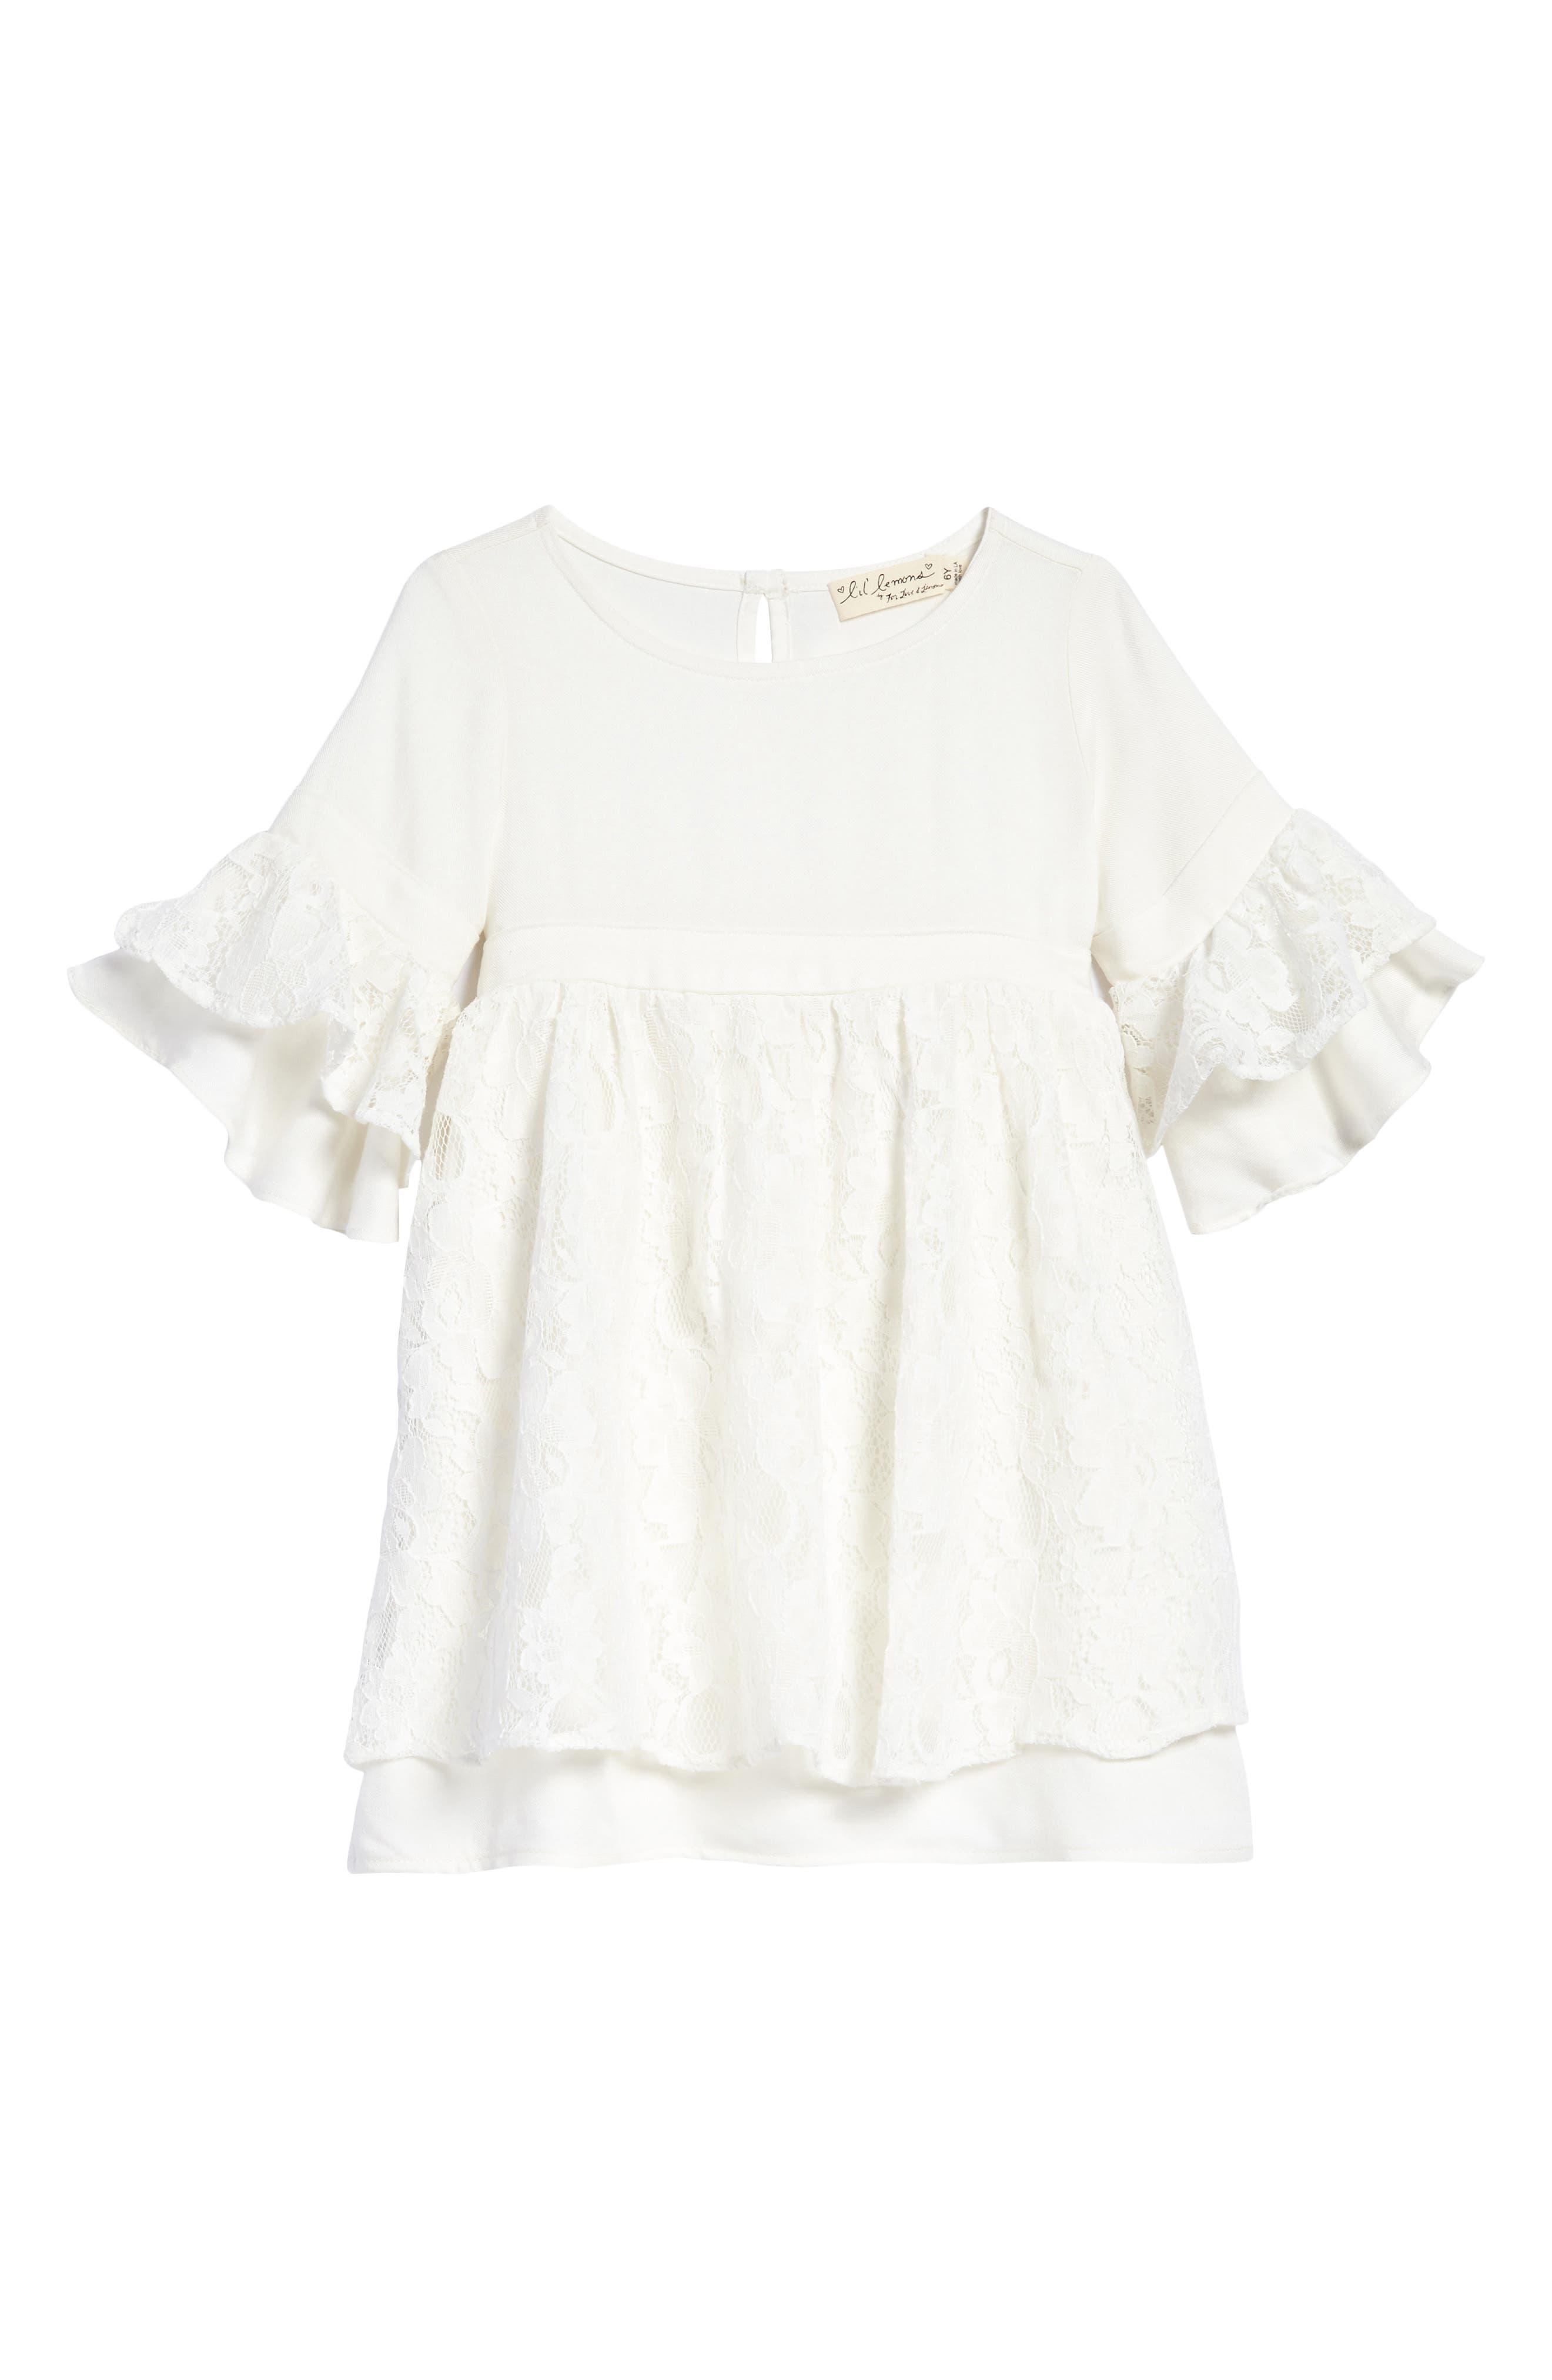 Alternate Image 1 Selected - Lil Lemons by For Love & Lemons Lyla Lace Dress (Toddler Girls & Little Girls)